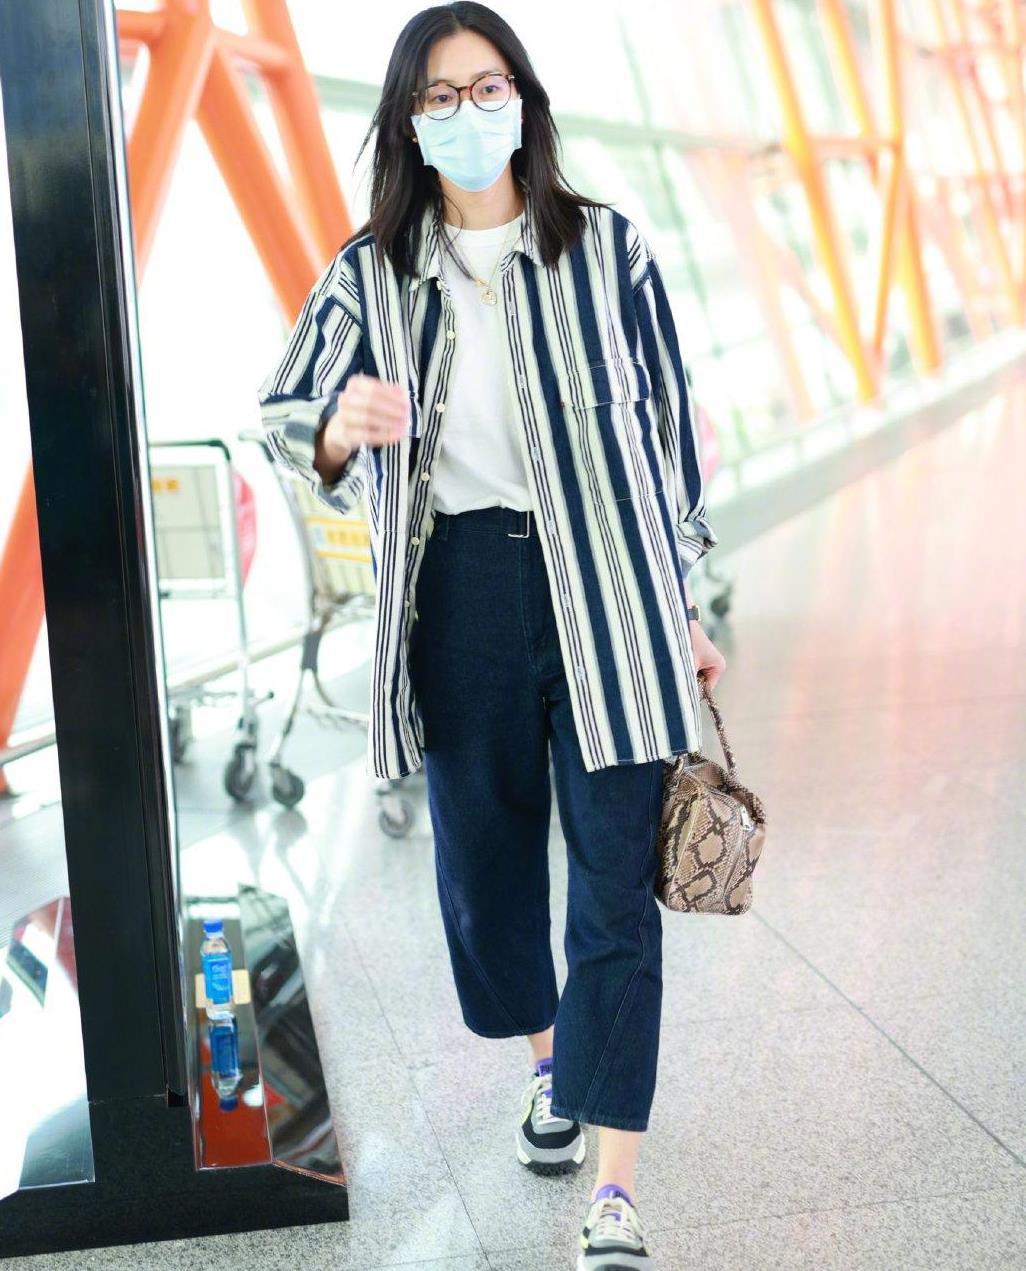 选对外套时尚加倍,刘雯穿条纹衬衣配牛仔裤走机场,简约又显高雅